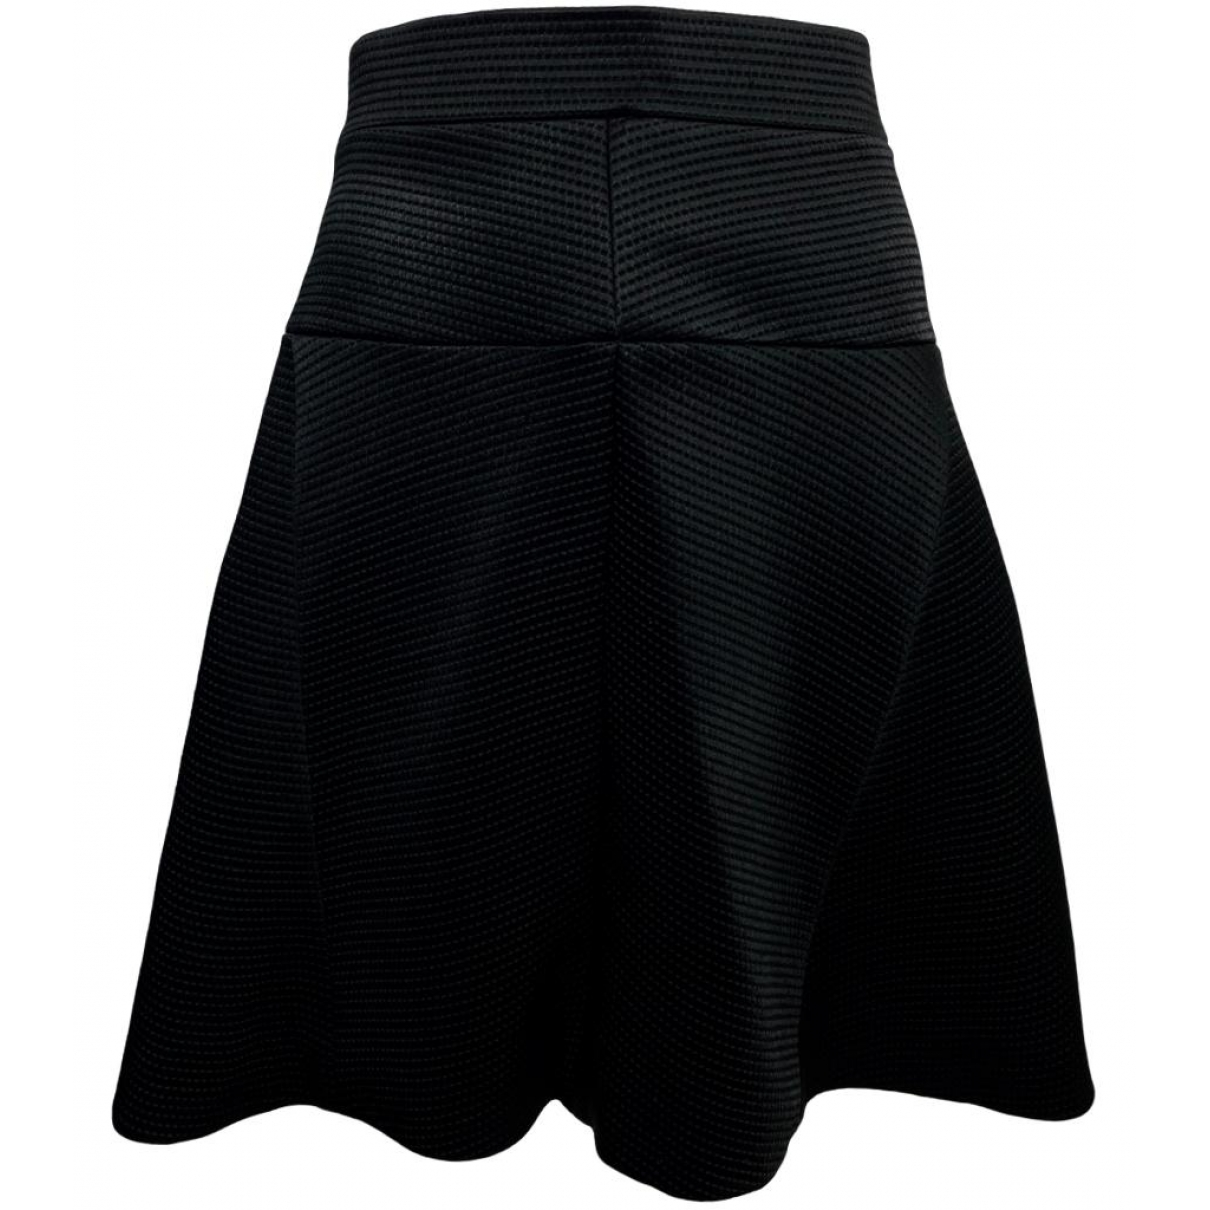 Temperley London \N Black skirt for Women 14 UK